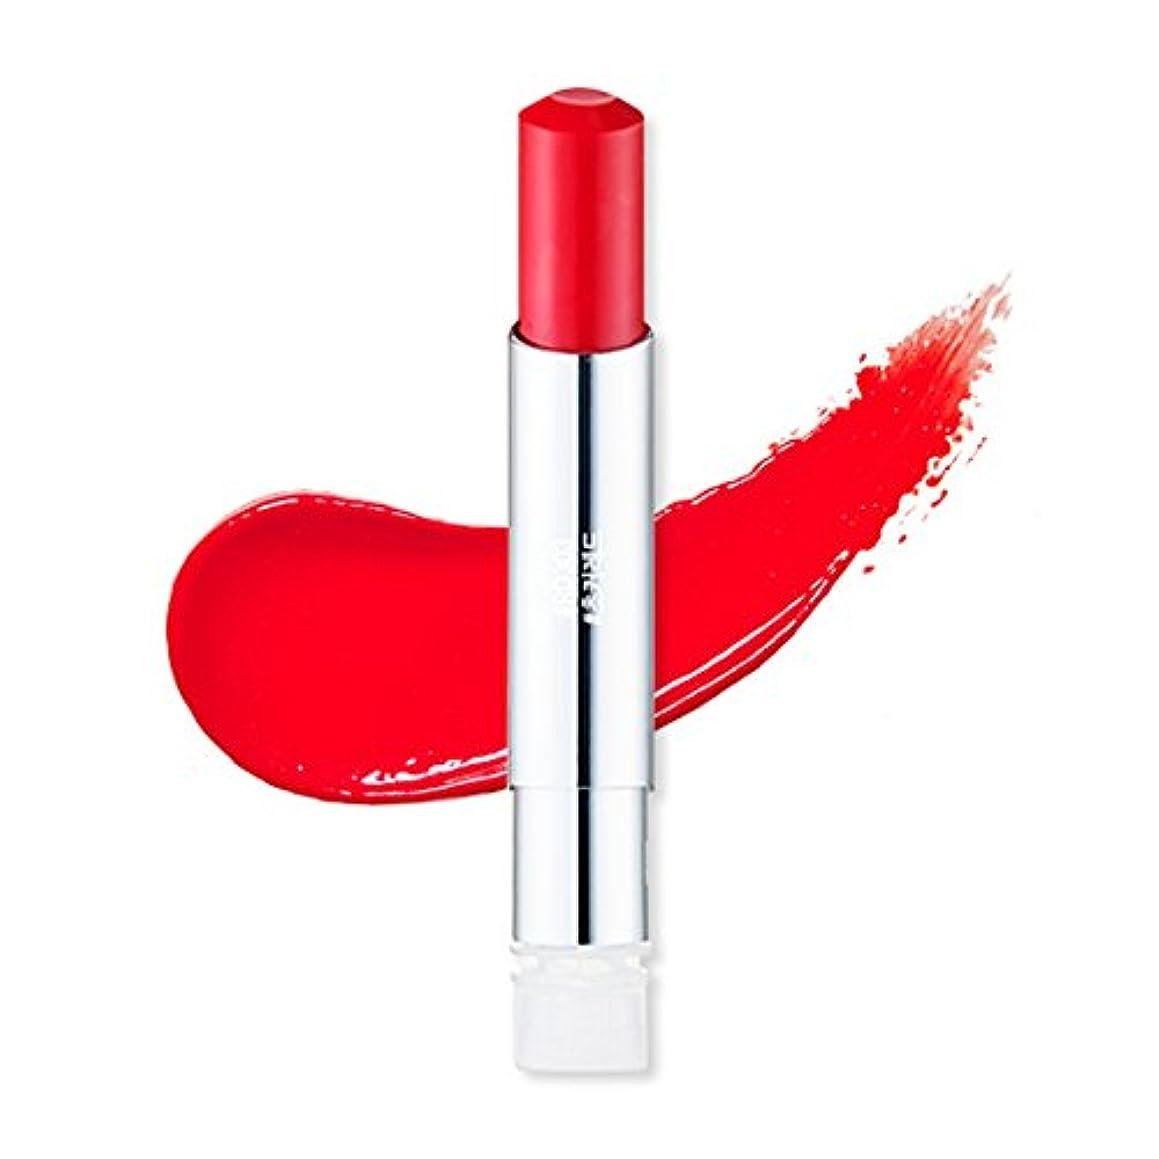 シンボル化合物聡明Etude House Glass Tinting Lips Talk #RD303 エチュードハウスグラスチンチンリップトーク #RD303 [並行輸入品]